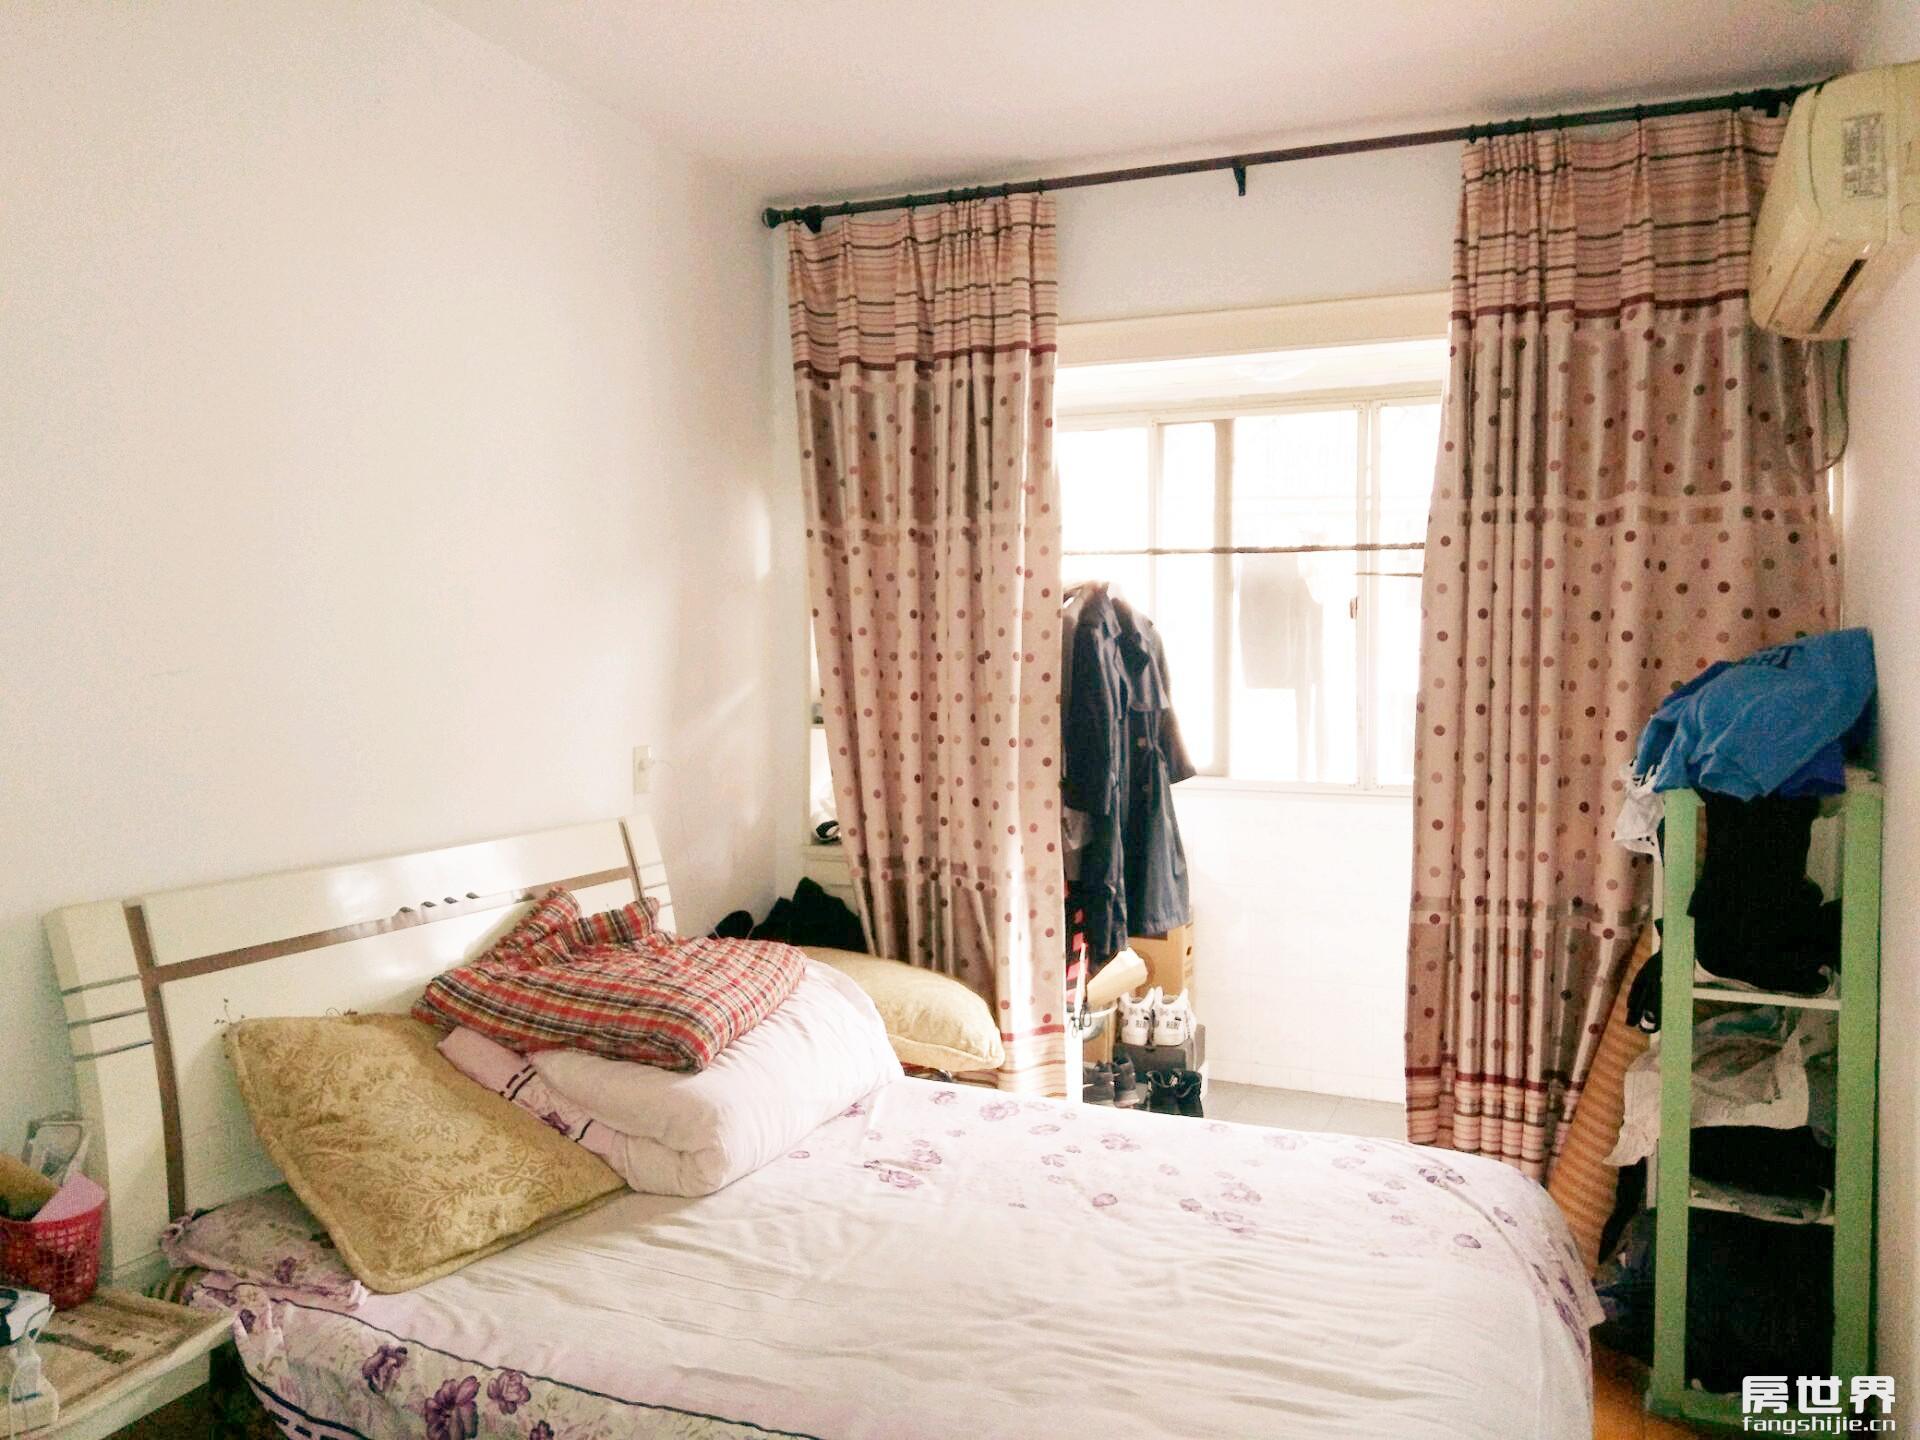 洄澜南苑,中间楼层,位置好,97年房龄,可组合贷款,满